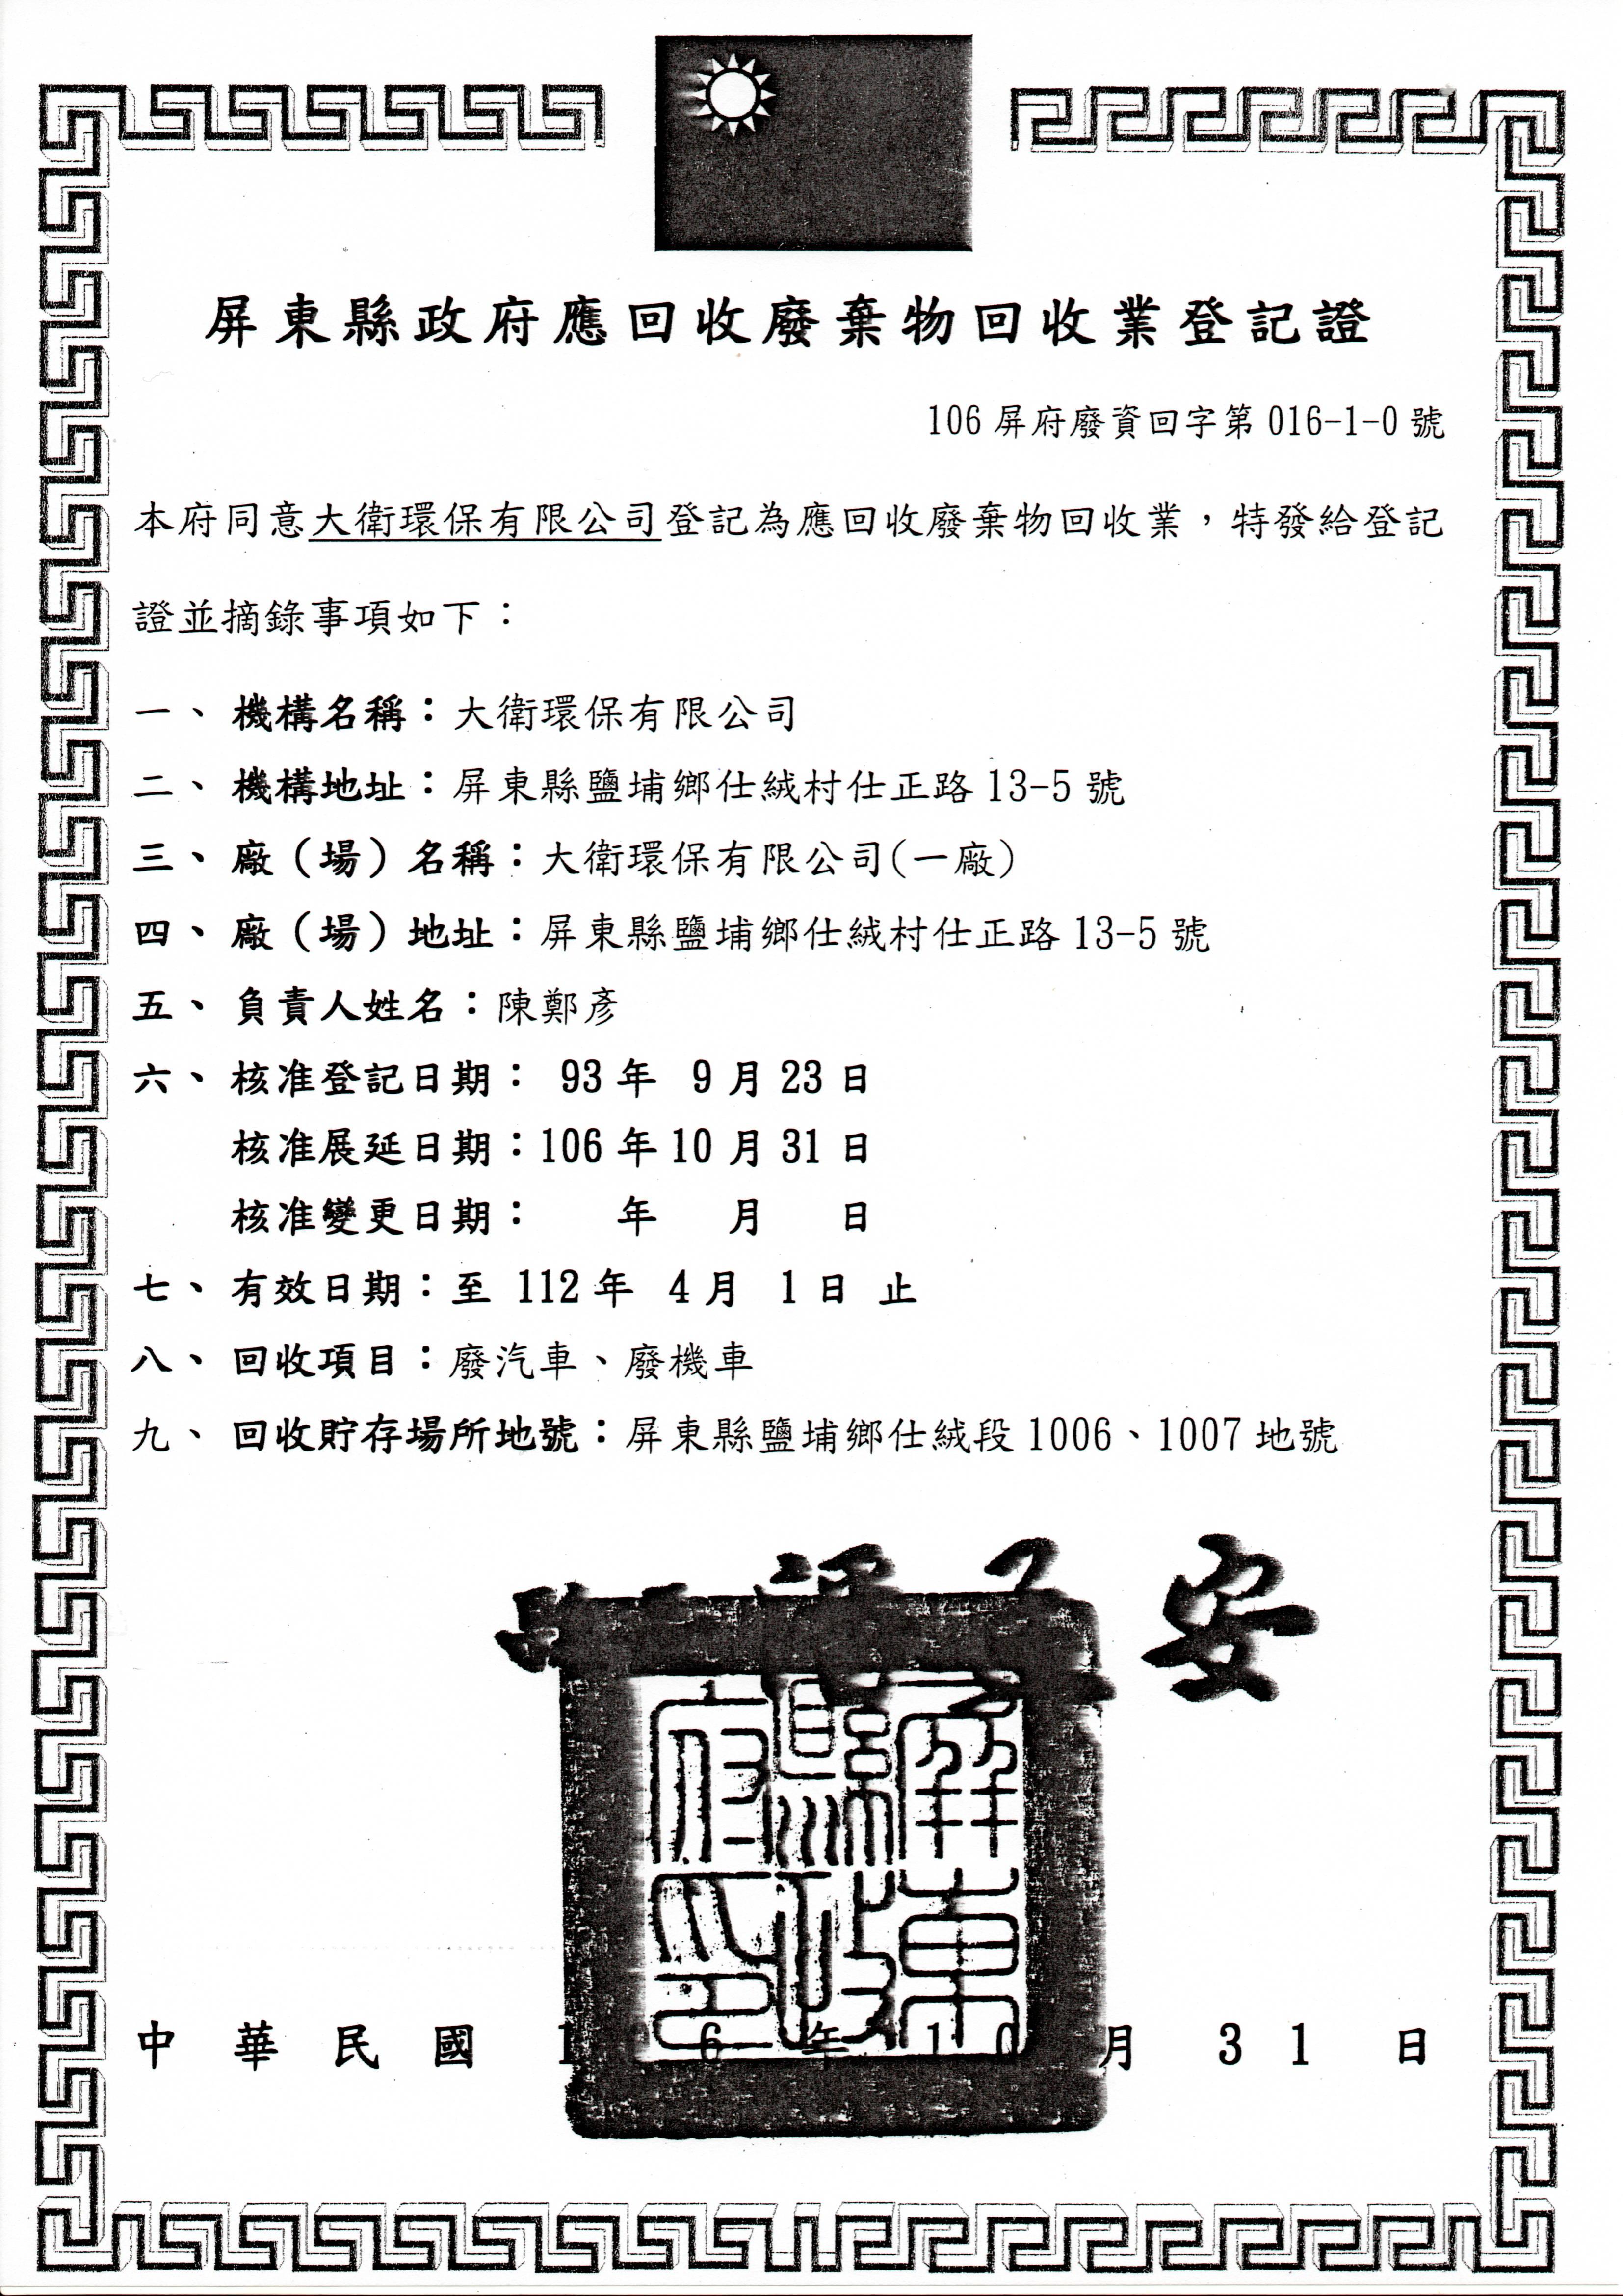 1廠應回收登記證106年-112年.jpg